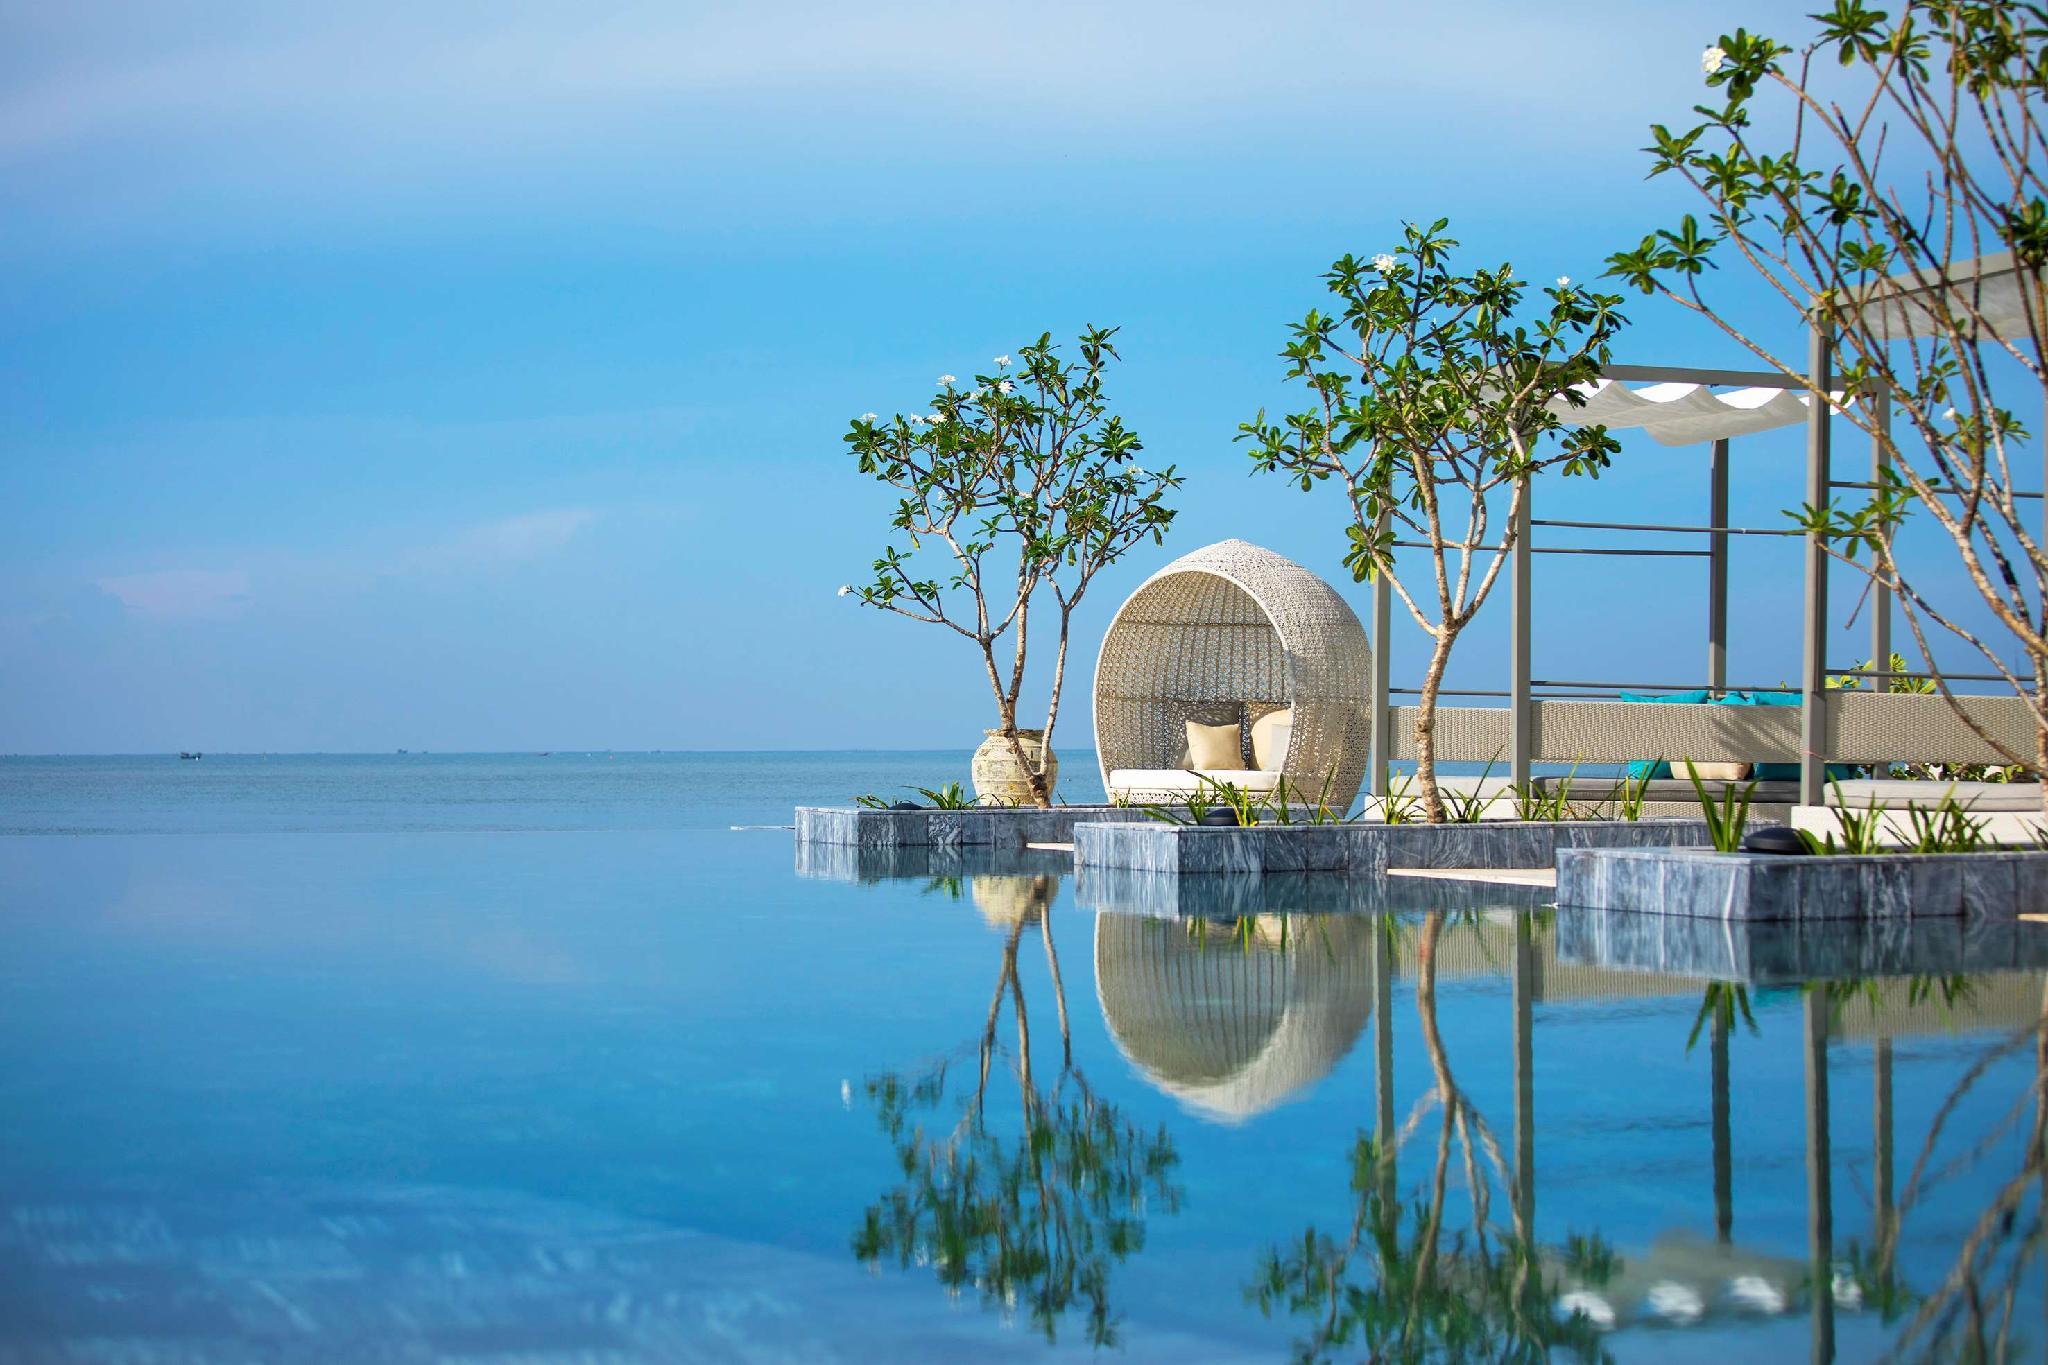 Khu Nghỉ Dưỡng Bãi Biển Melia Hồ Tràm   Vũng Tàu ƯU ĐÃI CẬP NHẬT NĂM 2020 2496317 ₫, Ảnh HD & Nhận Xét